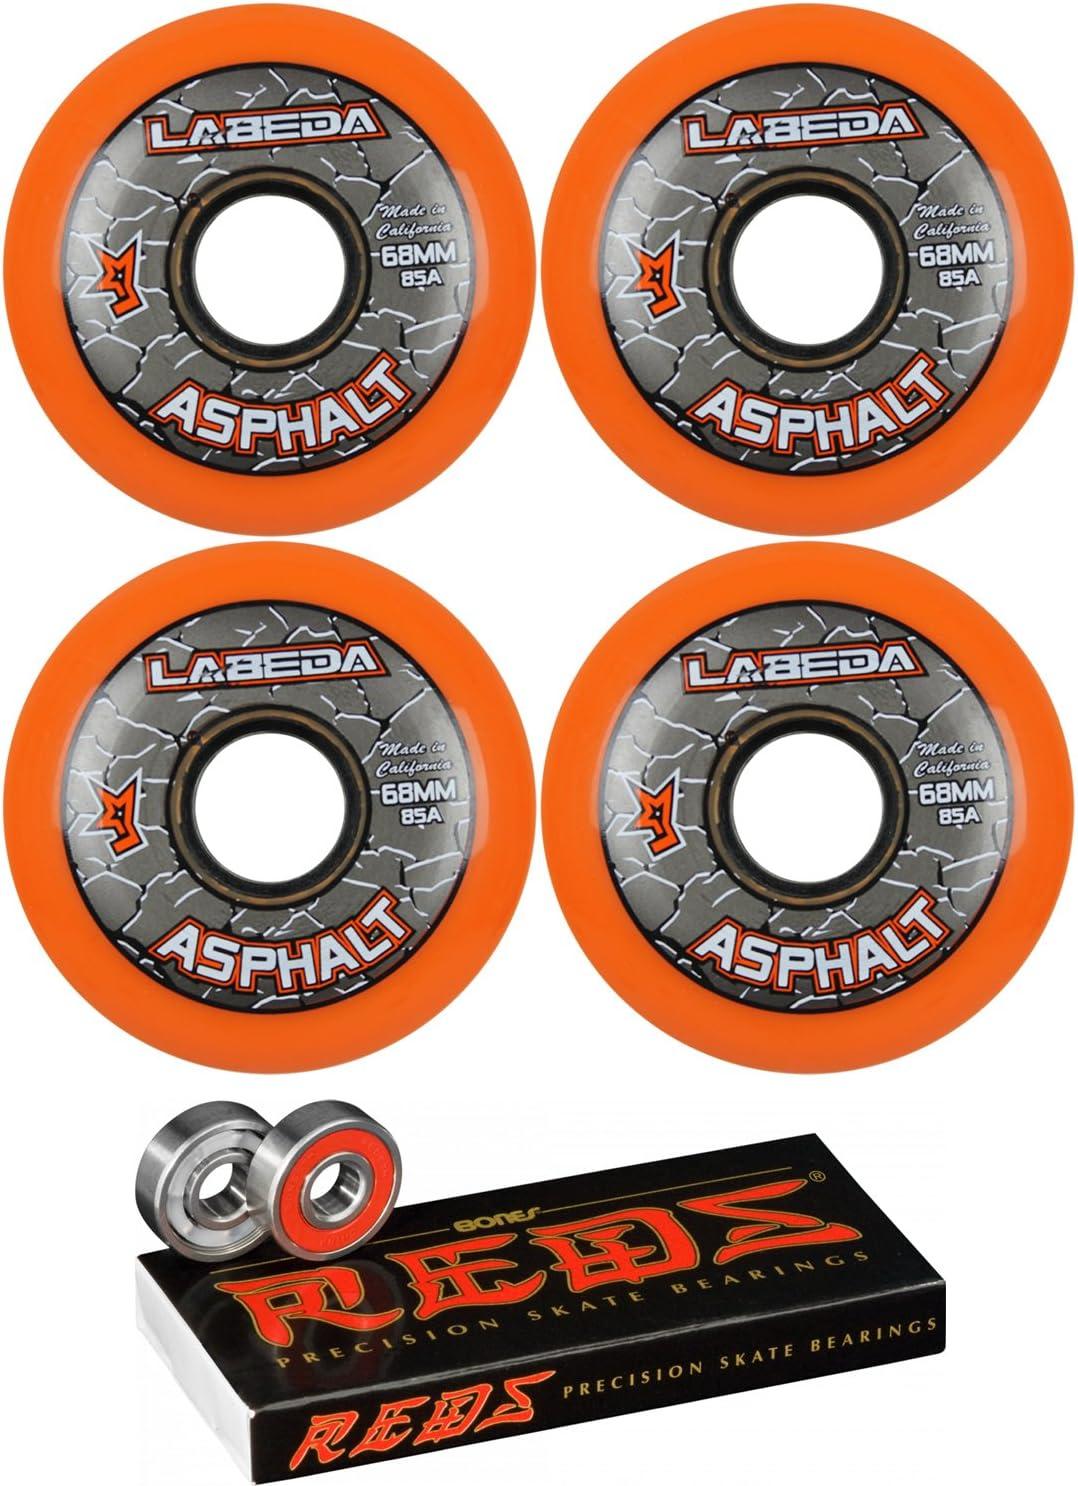 Labeda アスファルトインラインローラーホッケーホイール 68mm オレンジ 85A 4パック ボーンズ レッド